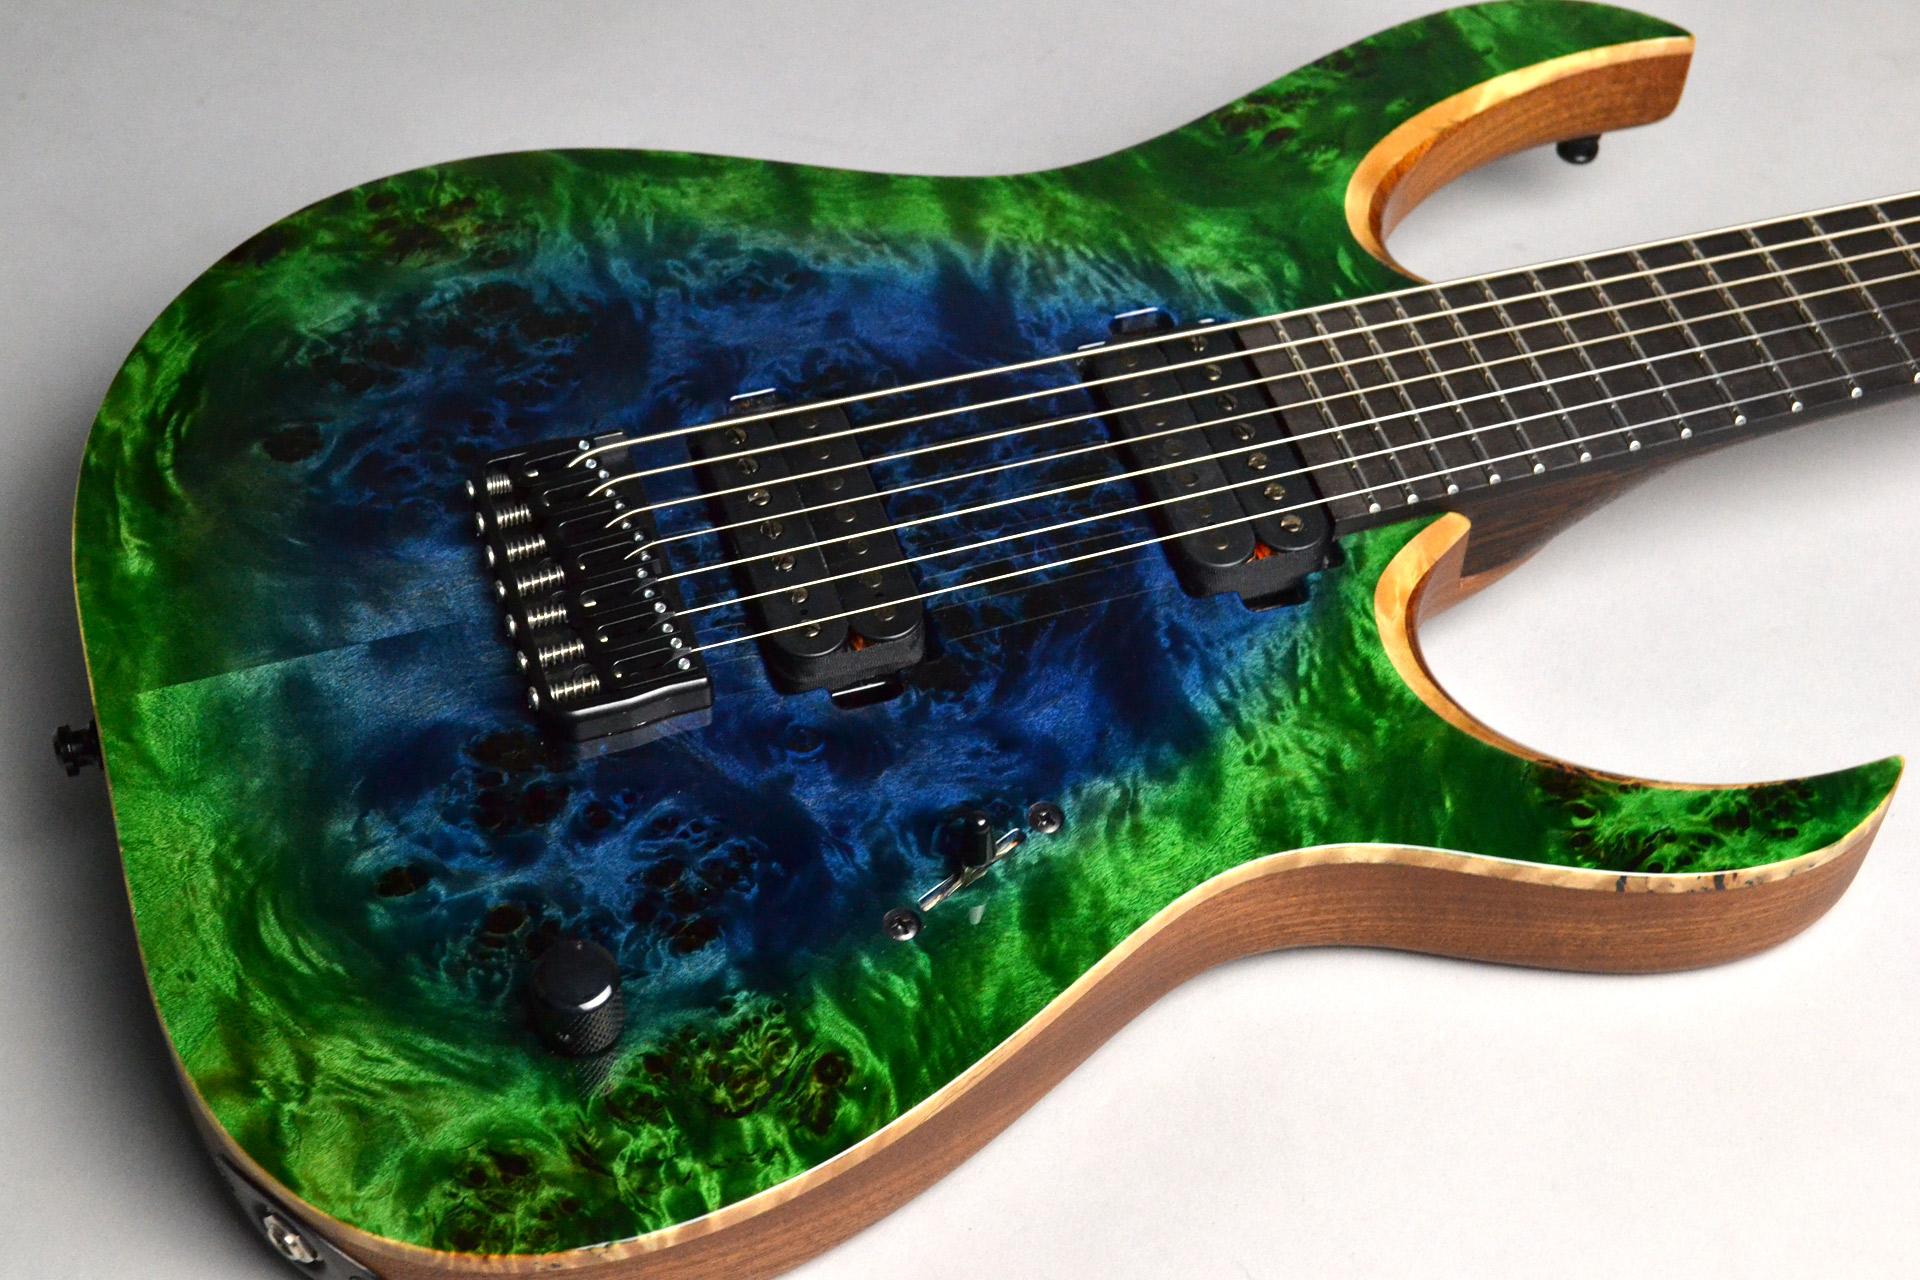 Duvell Elite 7 Trans Green Blue Burst Glossのボディトップ-アップ画像